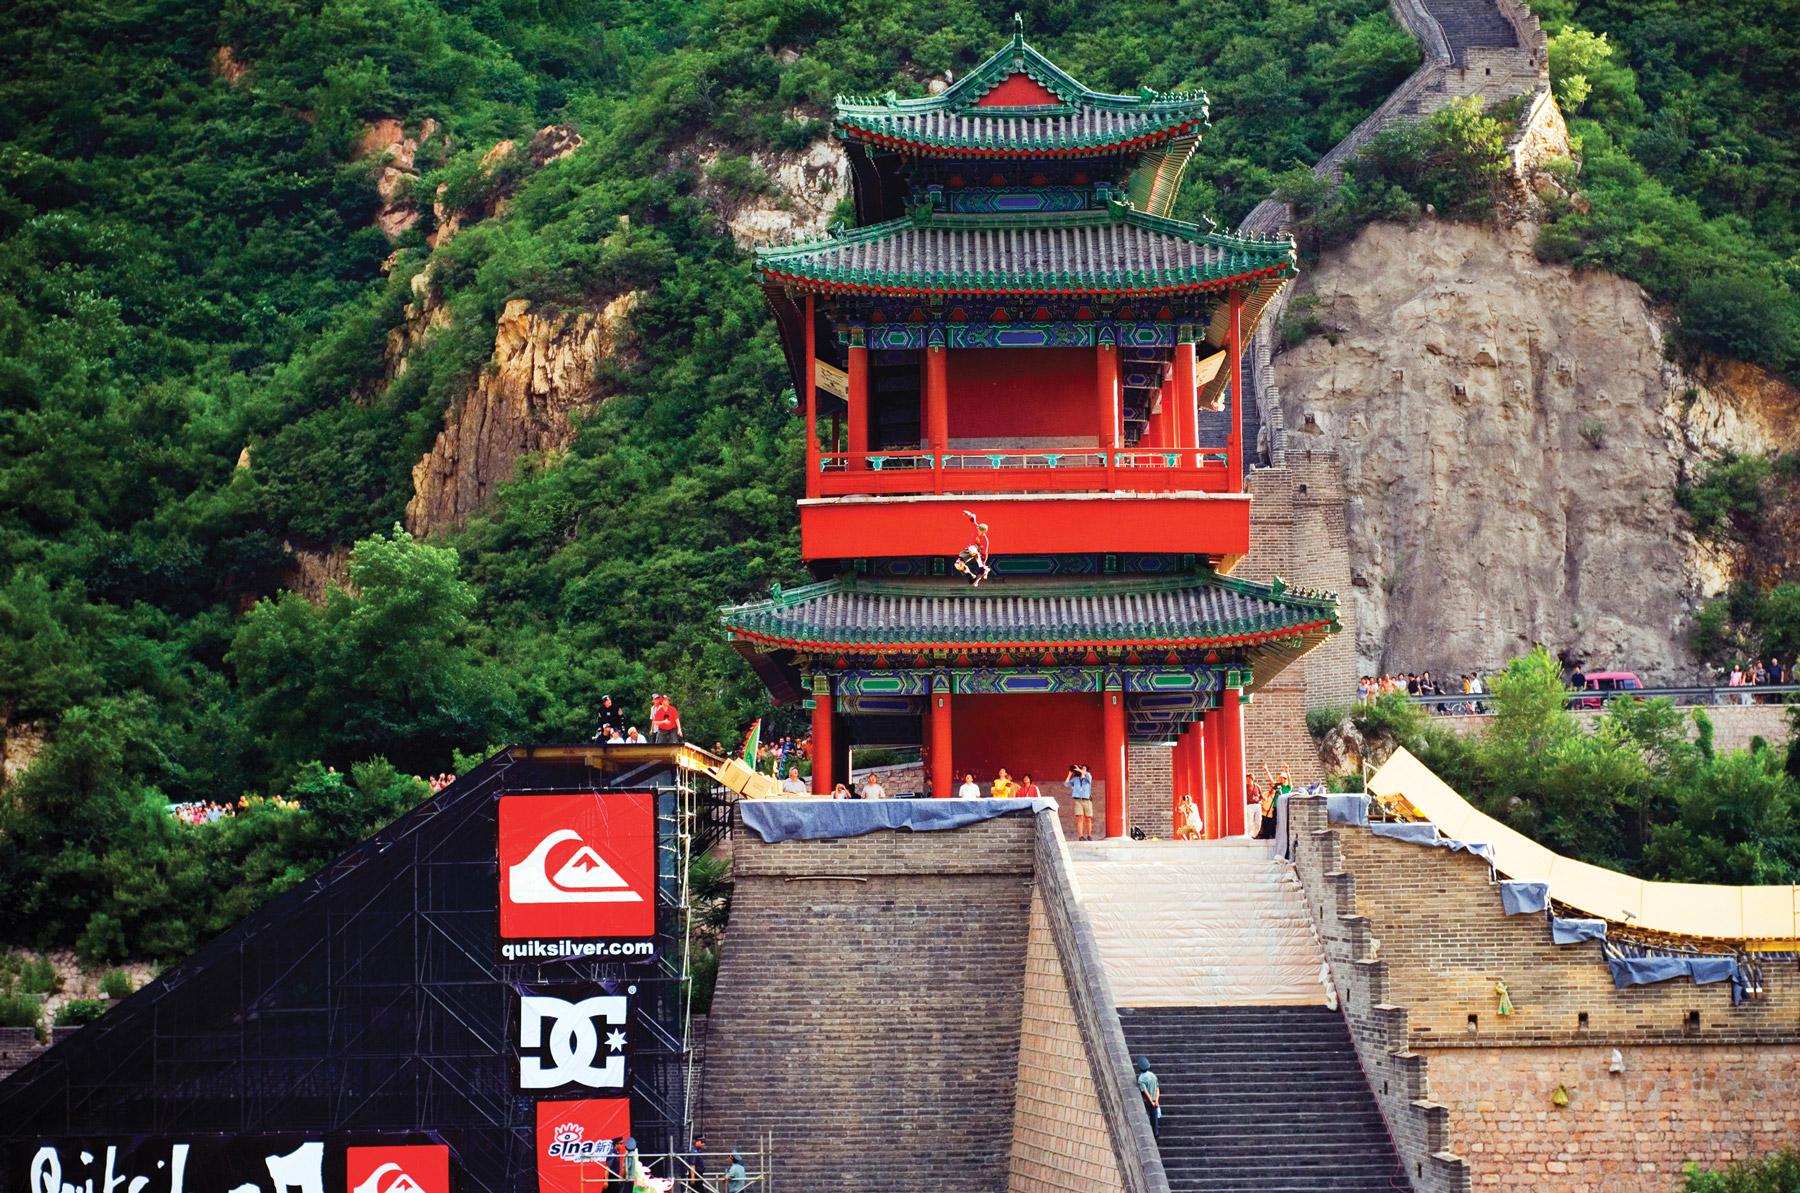 Archive_Danny_ChinaJump_2005_blabacphoto